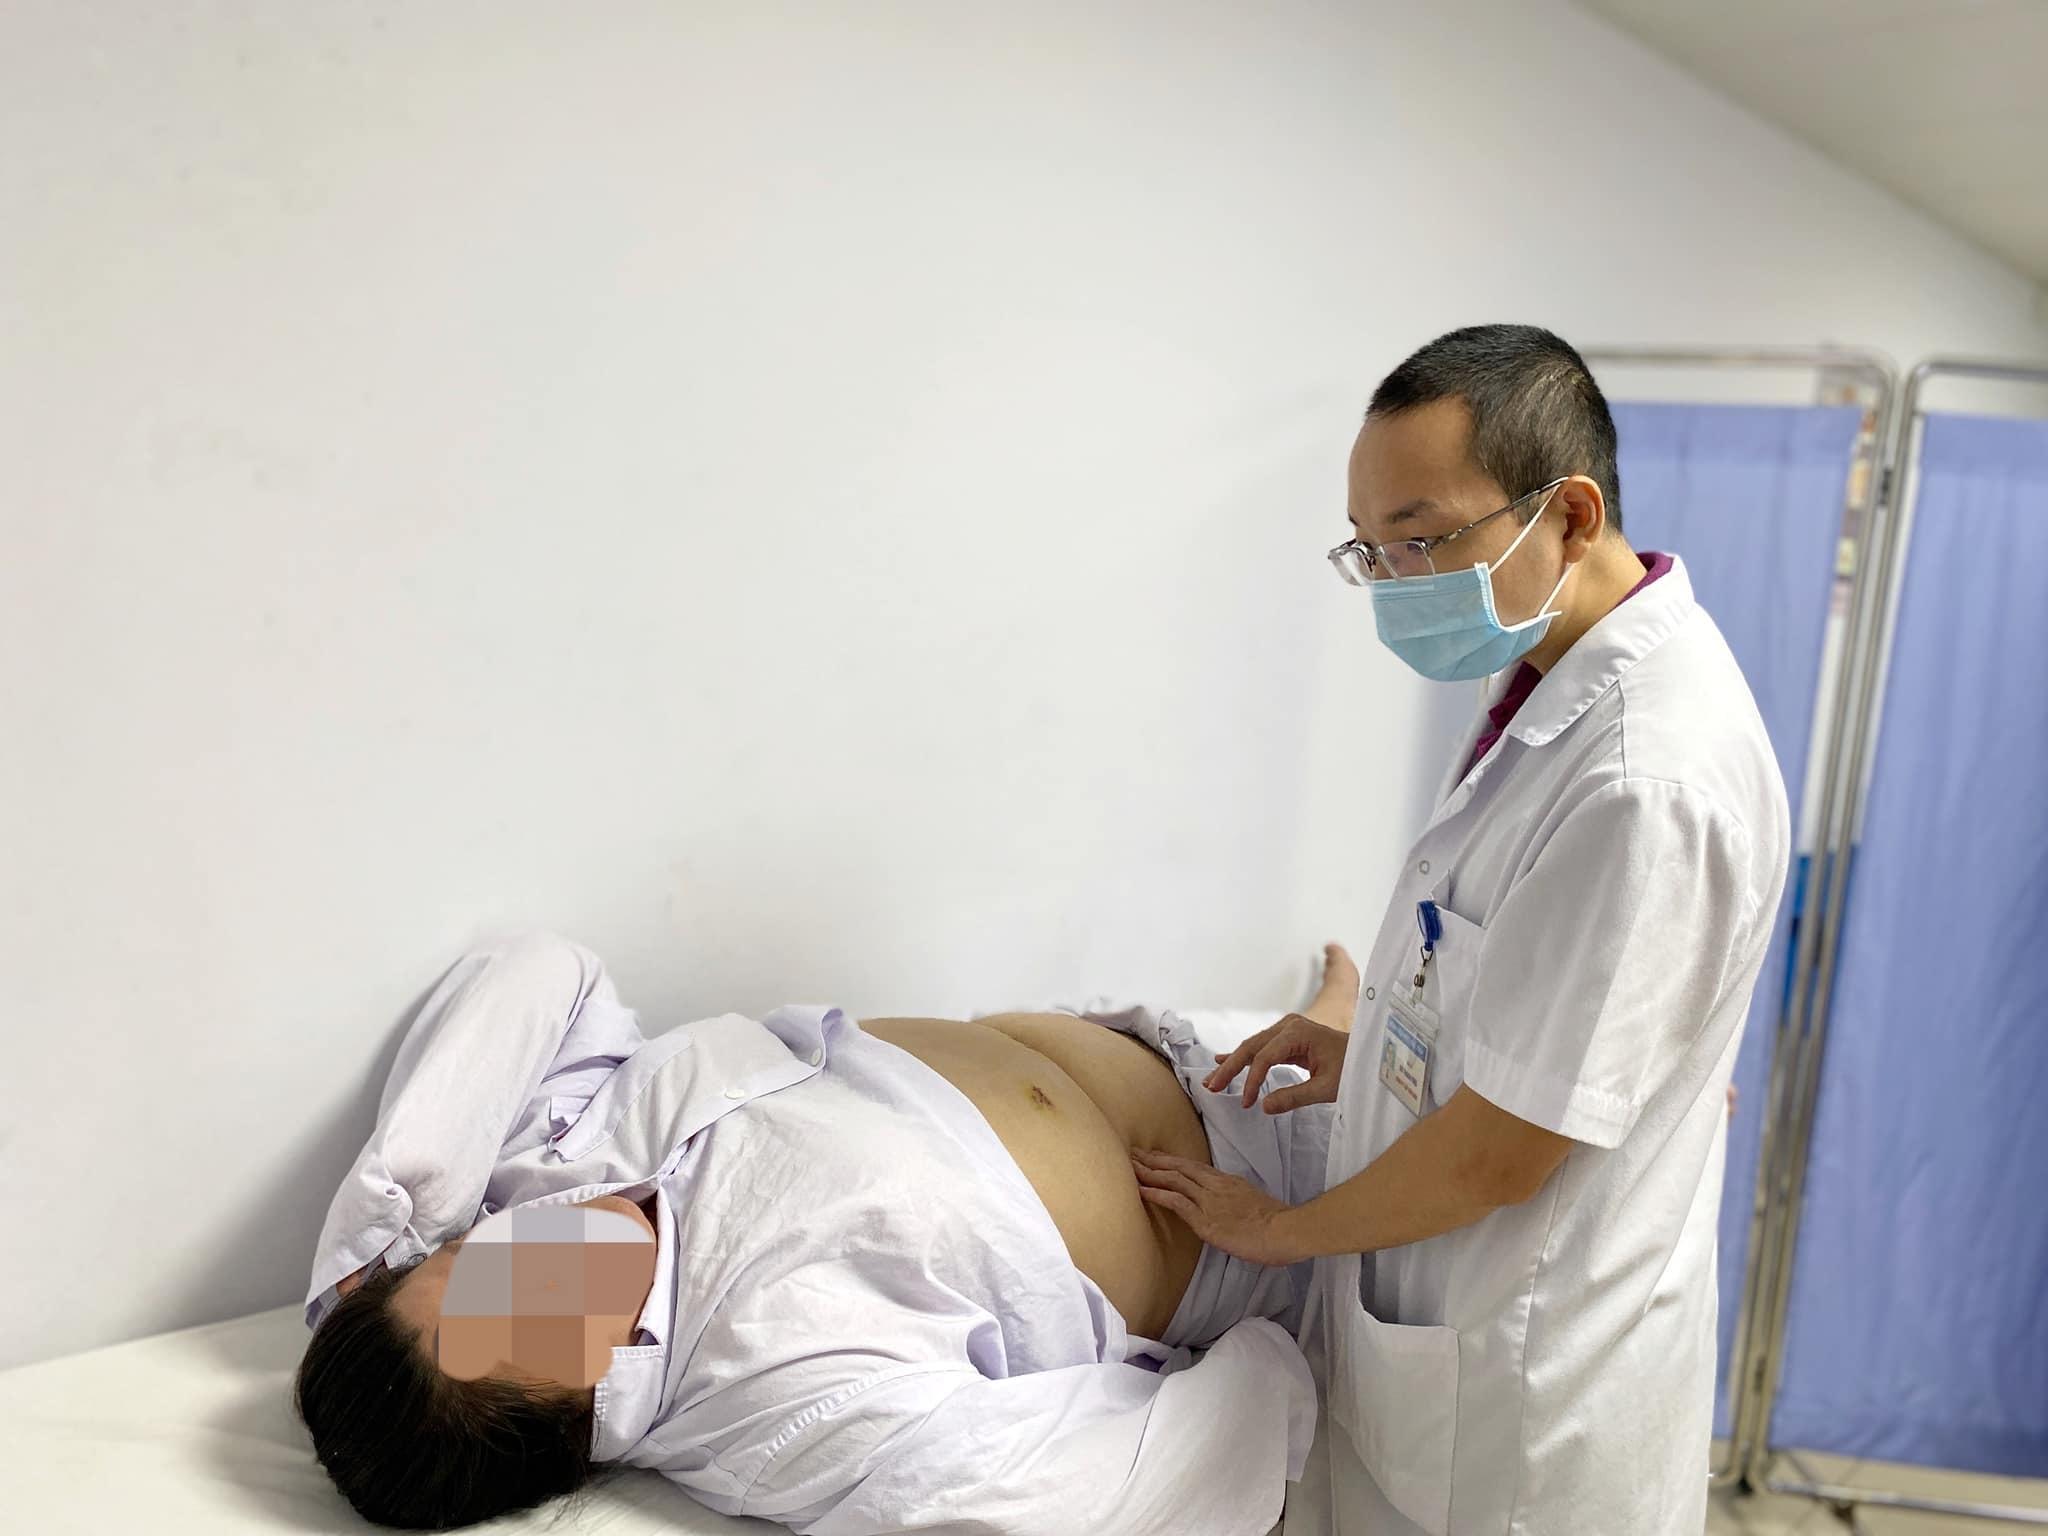 Thu nhỏ dạ dày cho người phụ nữ 95kg có nhiều bệnh lý nền phức tạp